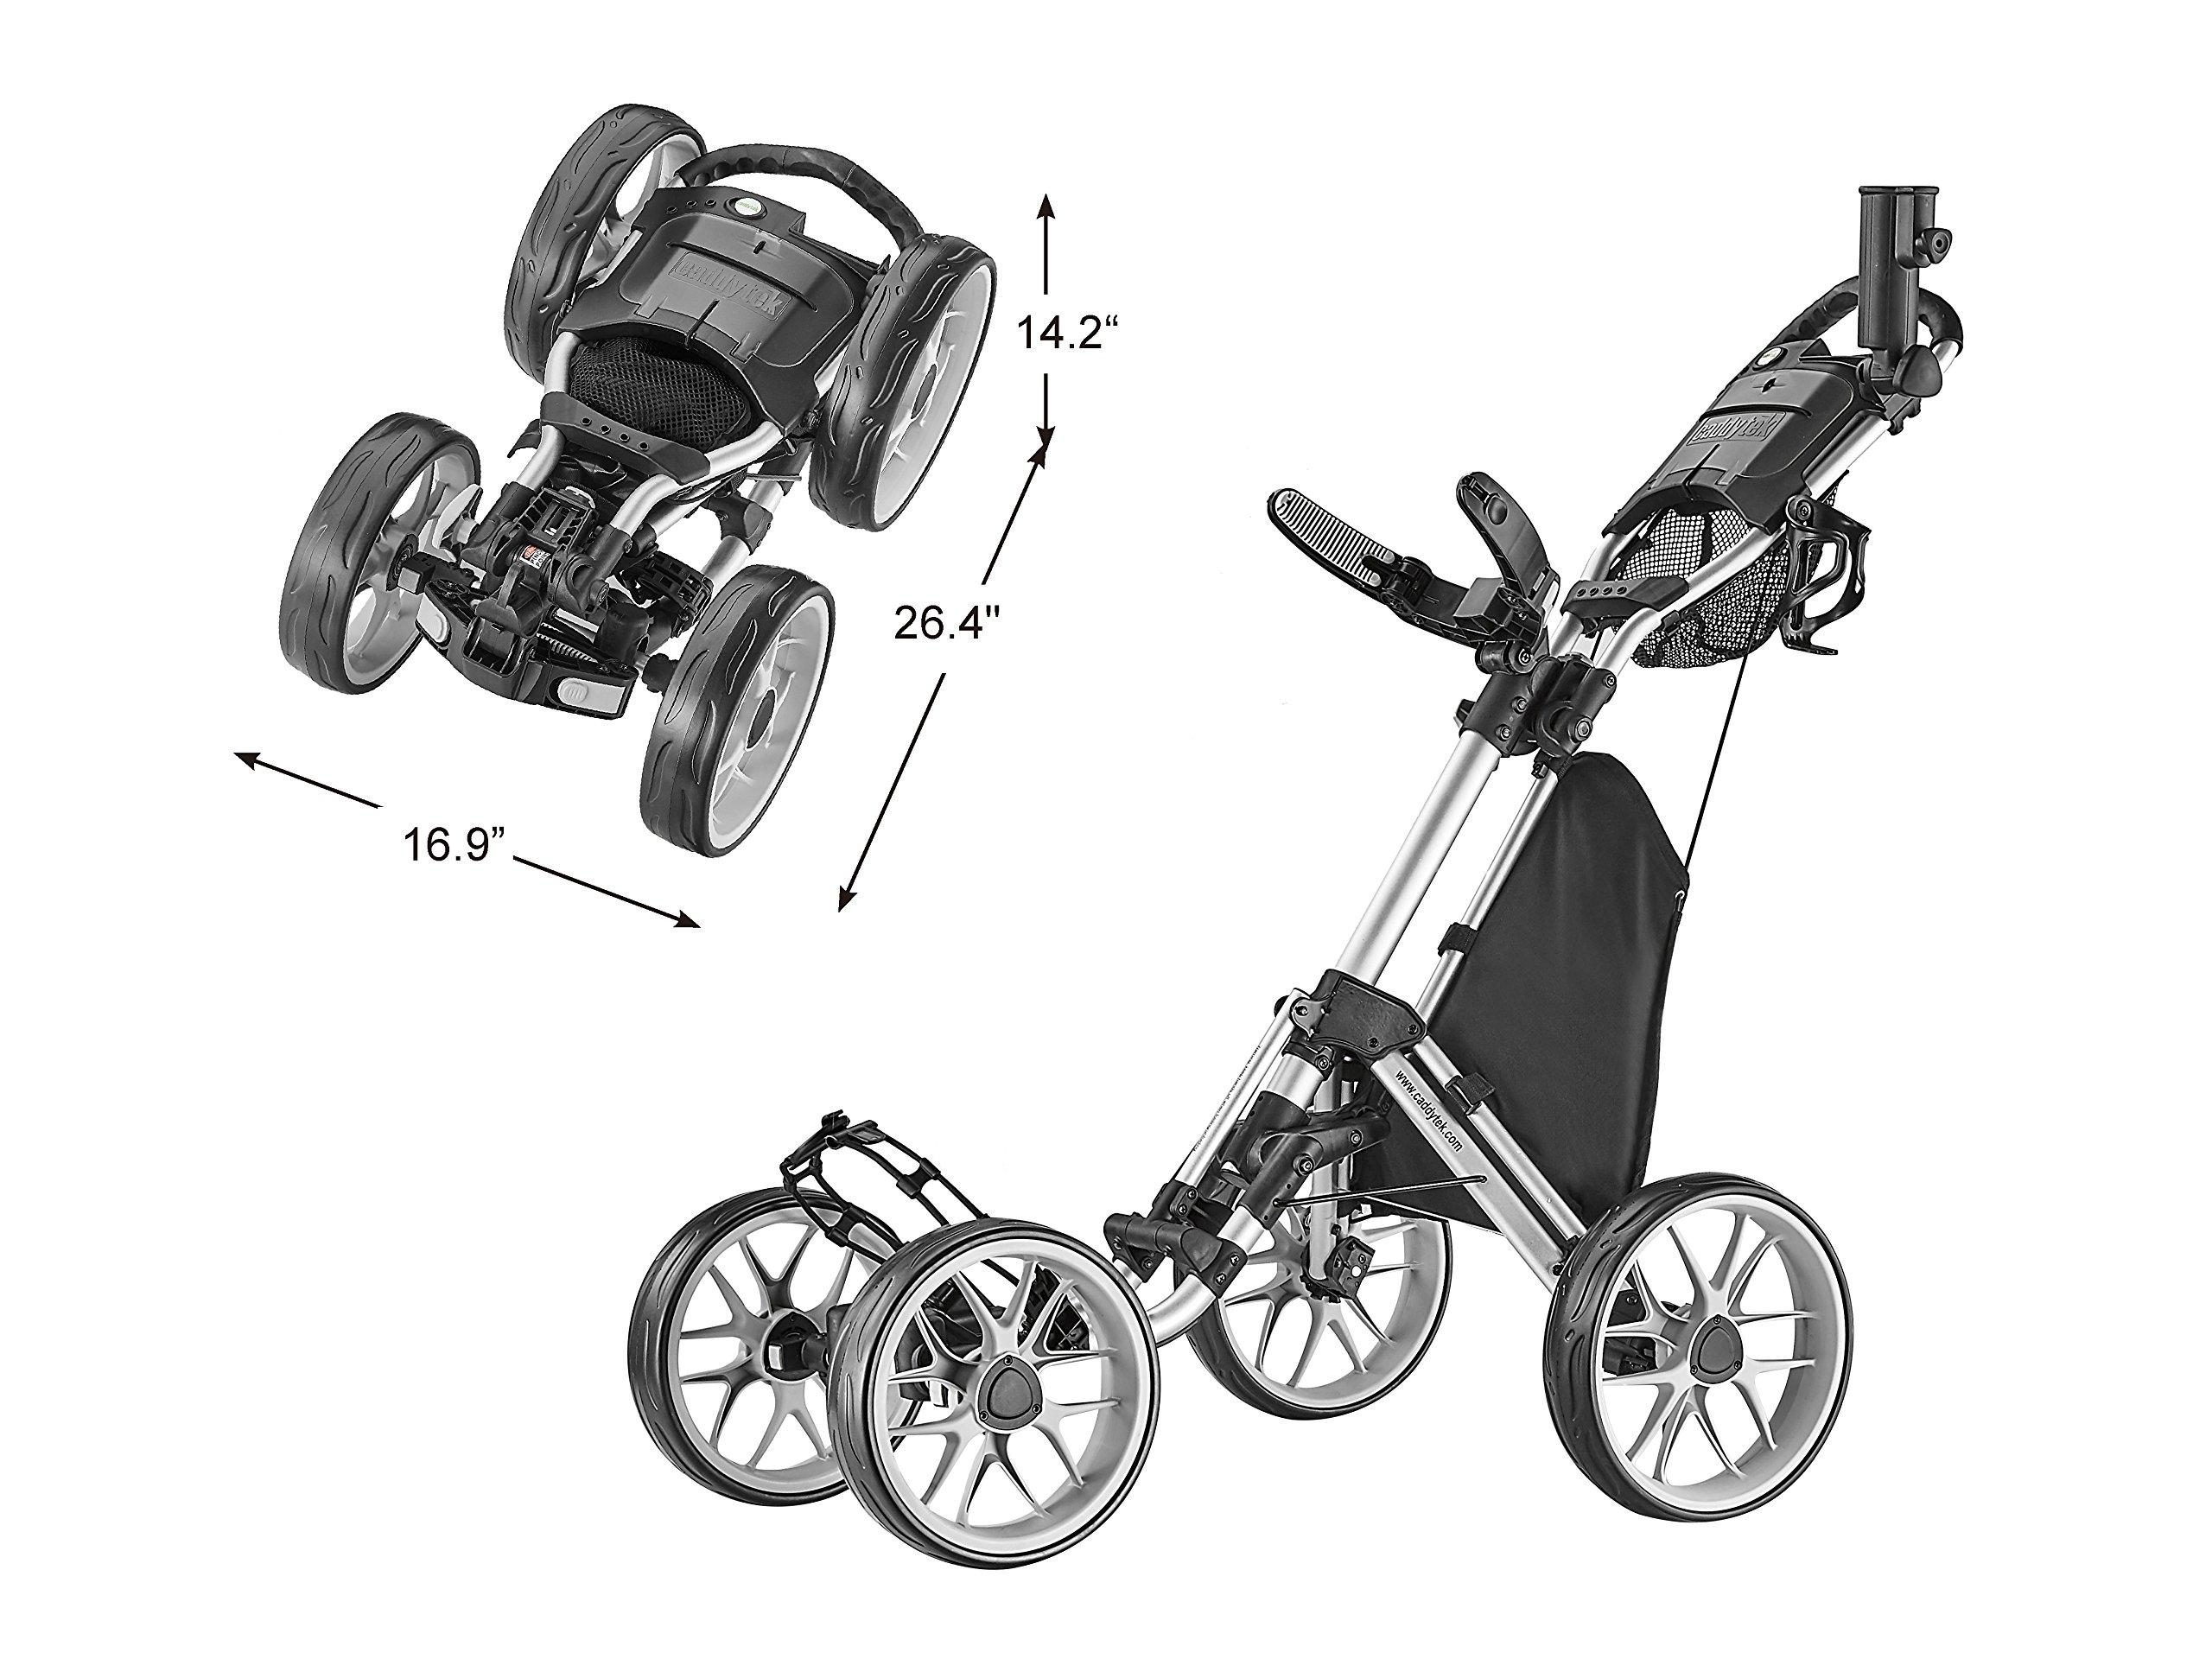 CaddyTek Caddycruiser One Version 8 - One-Click Folding 4 Wheel Golf Push Cart, Silver by CaddyTek